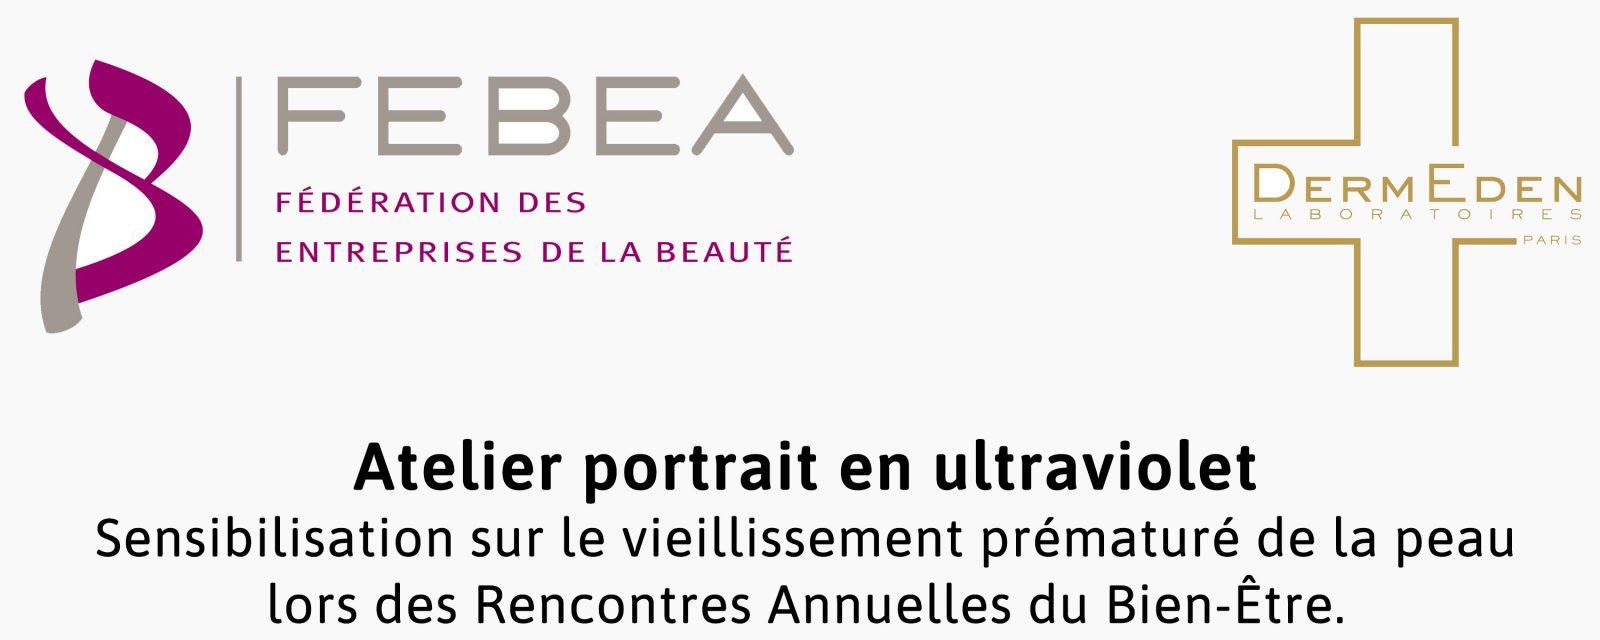 Dermeden FEBEA | Pierre-Louis Ferrer Photographie | Réalisations clients